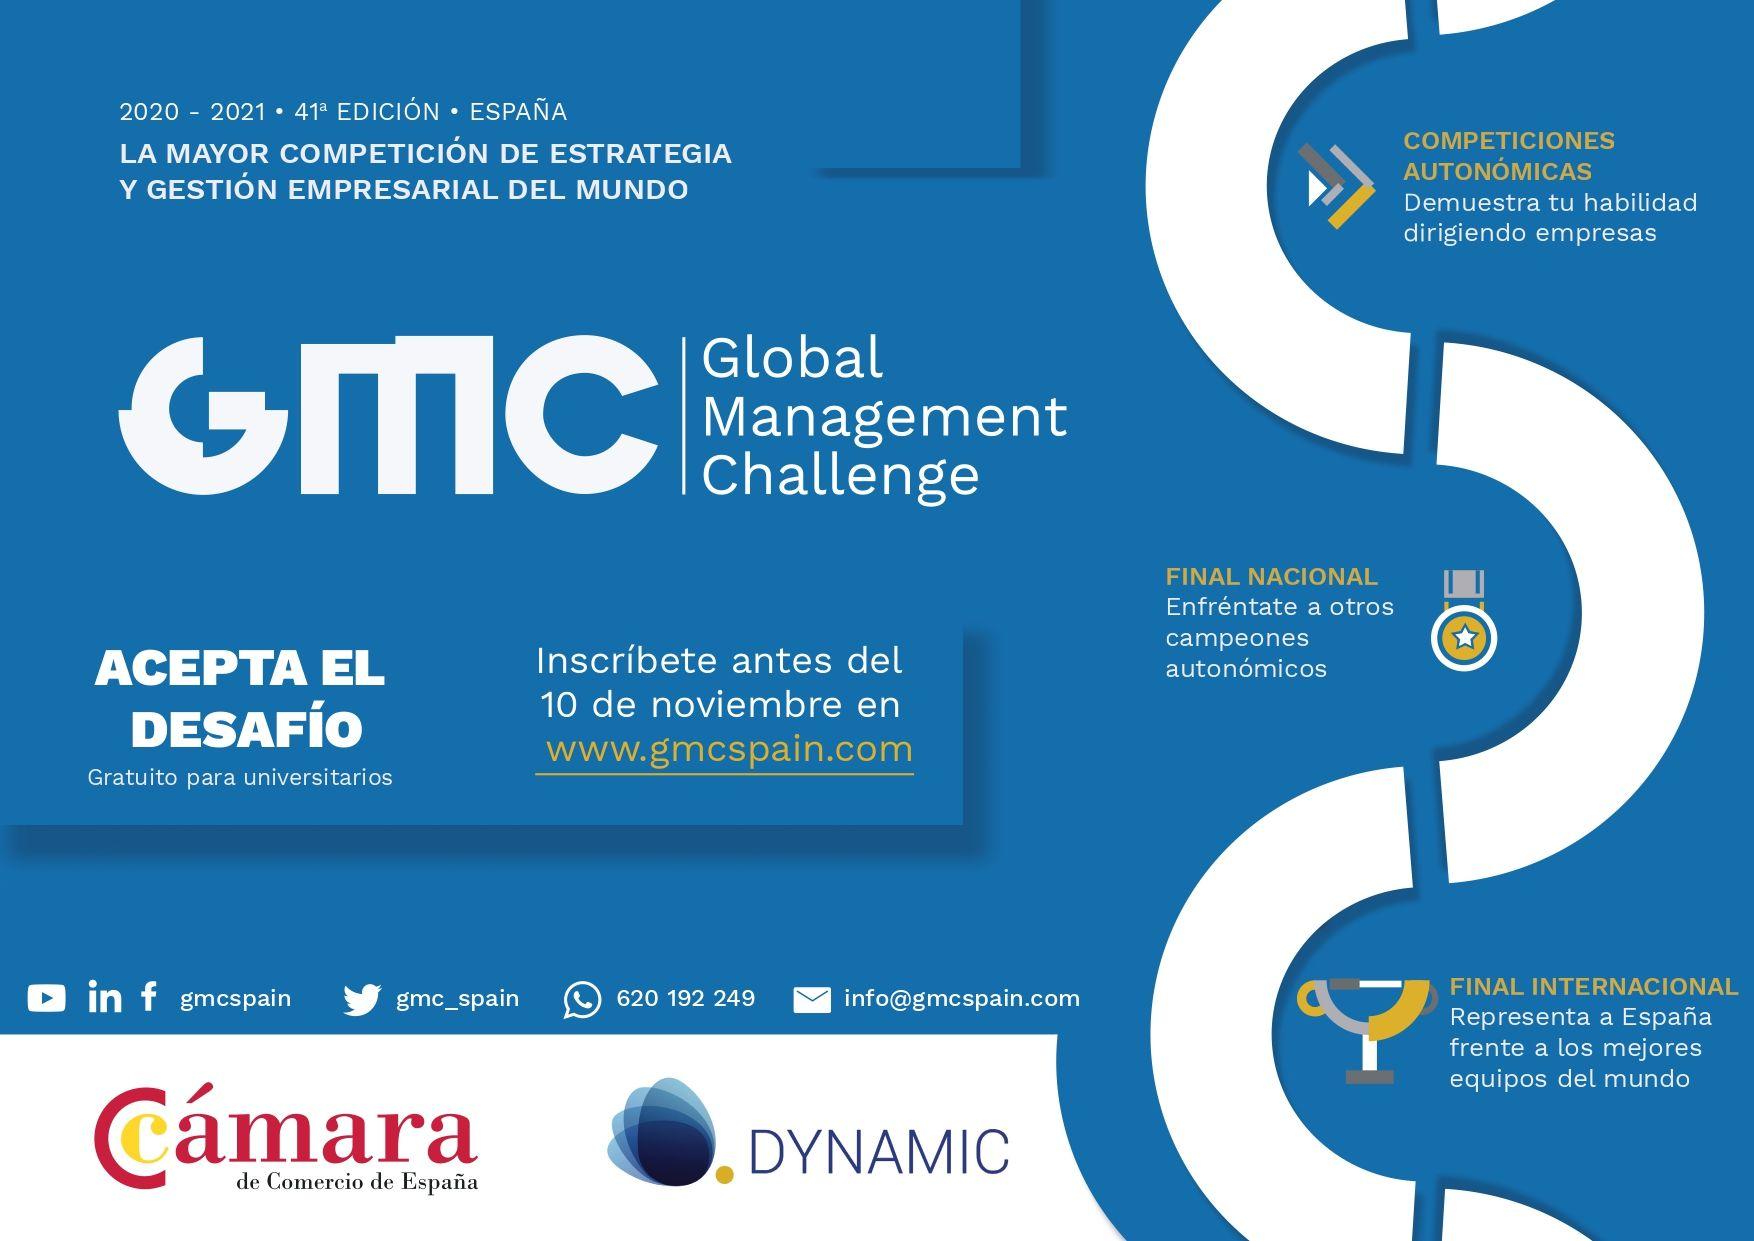 Imagen de portada de Global Management Challenge. Como si estuvieras dirigiendo una empresa real